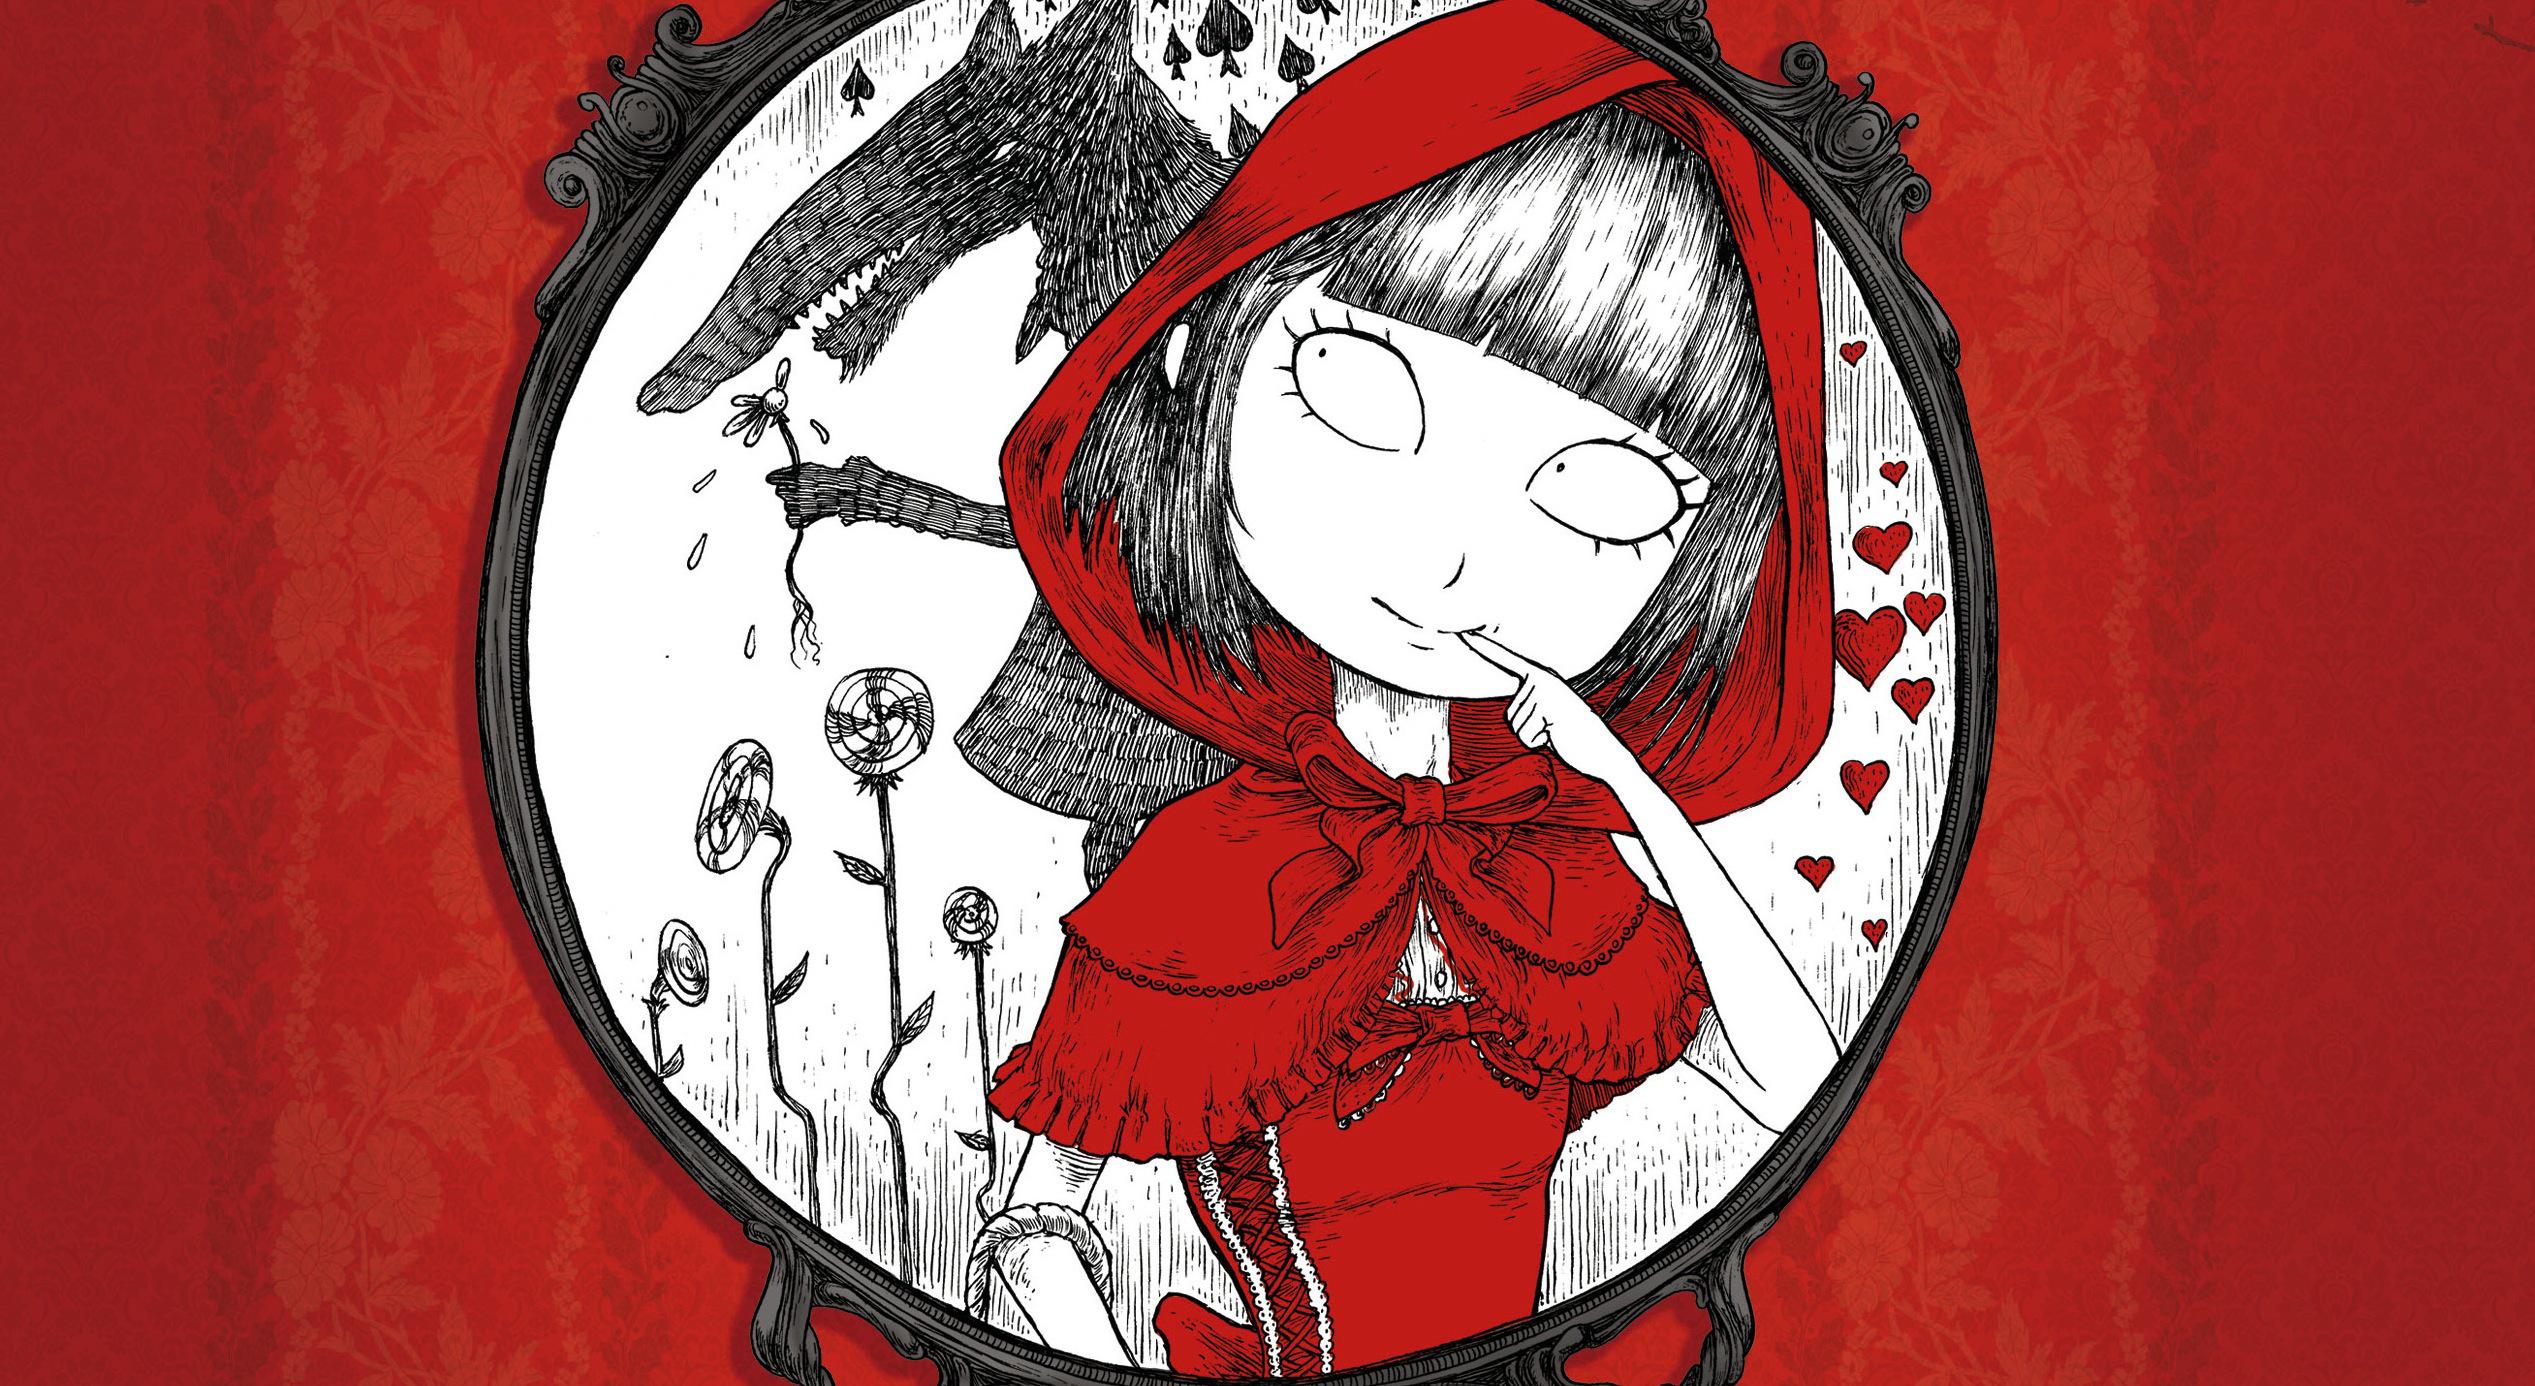 Nombre Caperucita Roja Version Porno caperucita roja. versión del lobo enamorado.